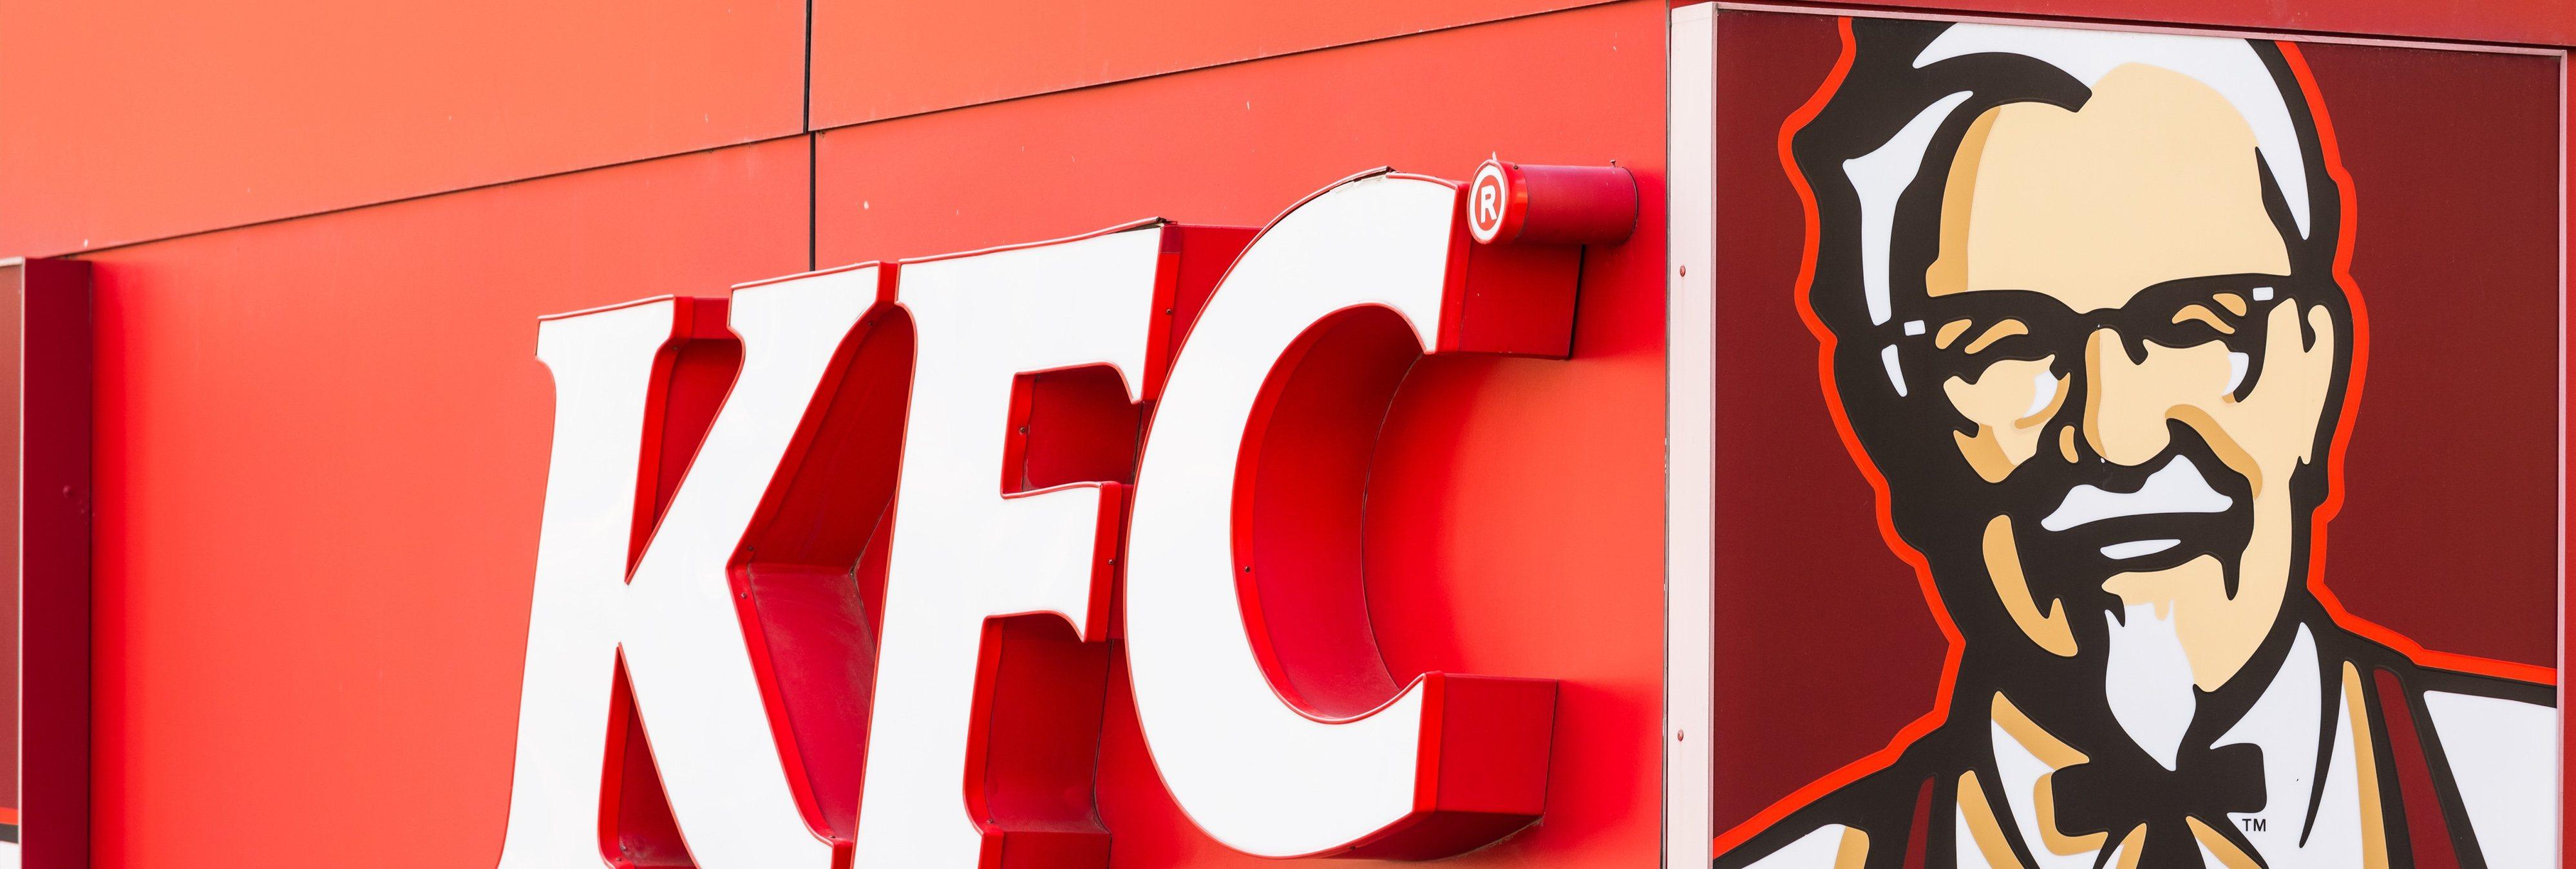 La historia detrás de la 'rata empanada' servida en un restaurante de KFC